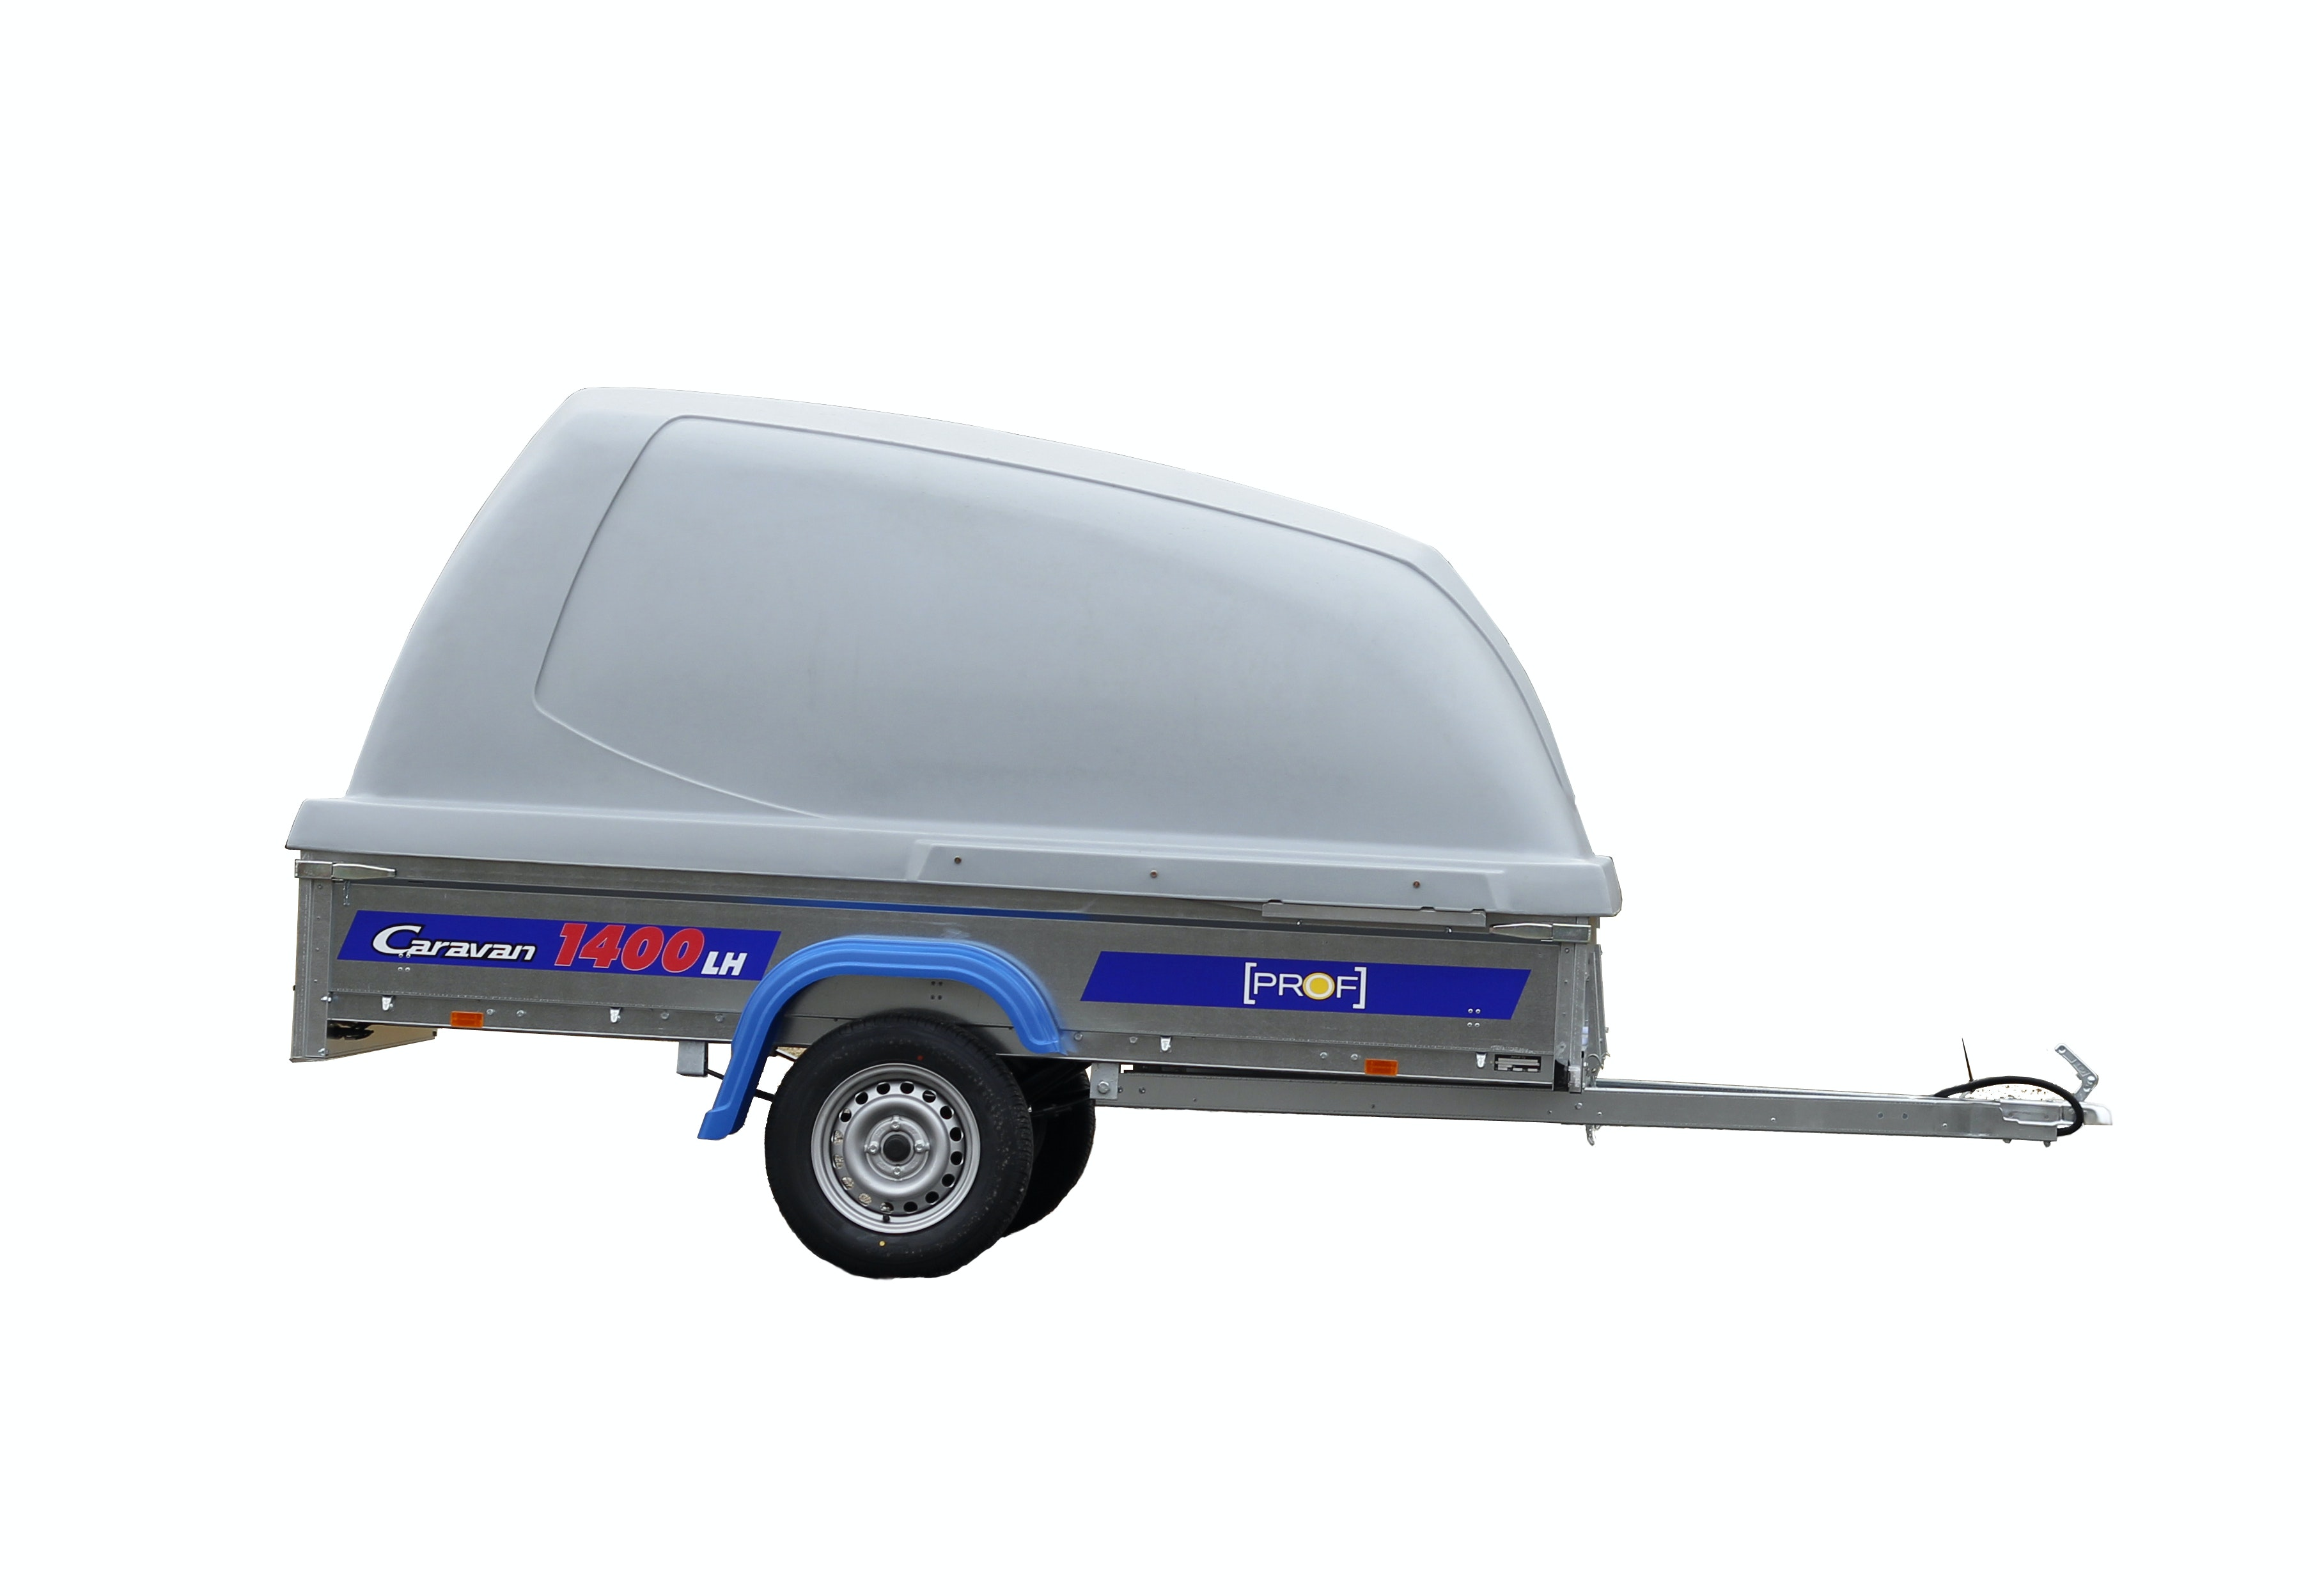 Släpvagn 1400LH Kåpa Medföljer